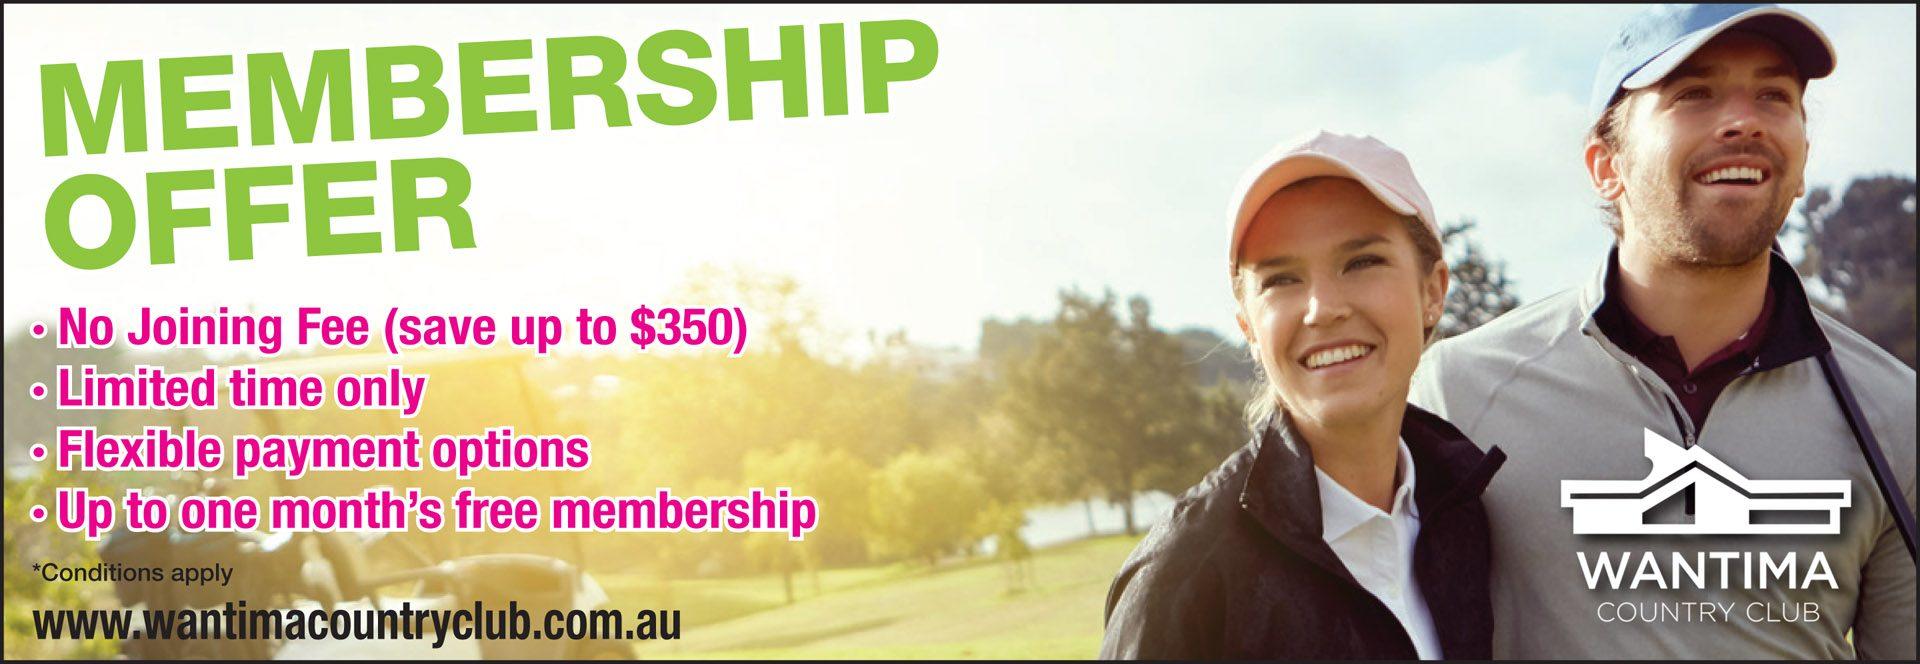 Membership offer website banner